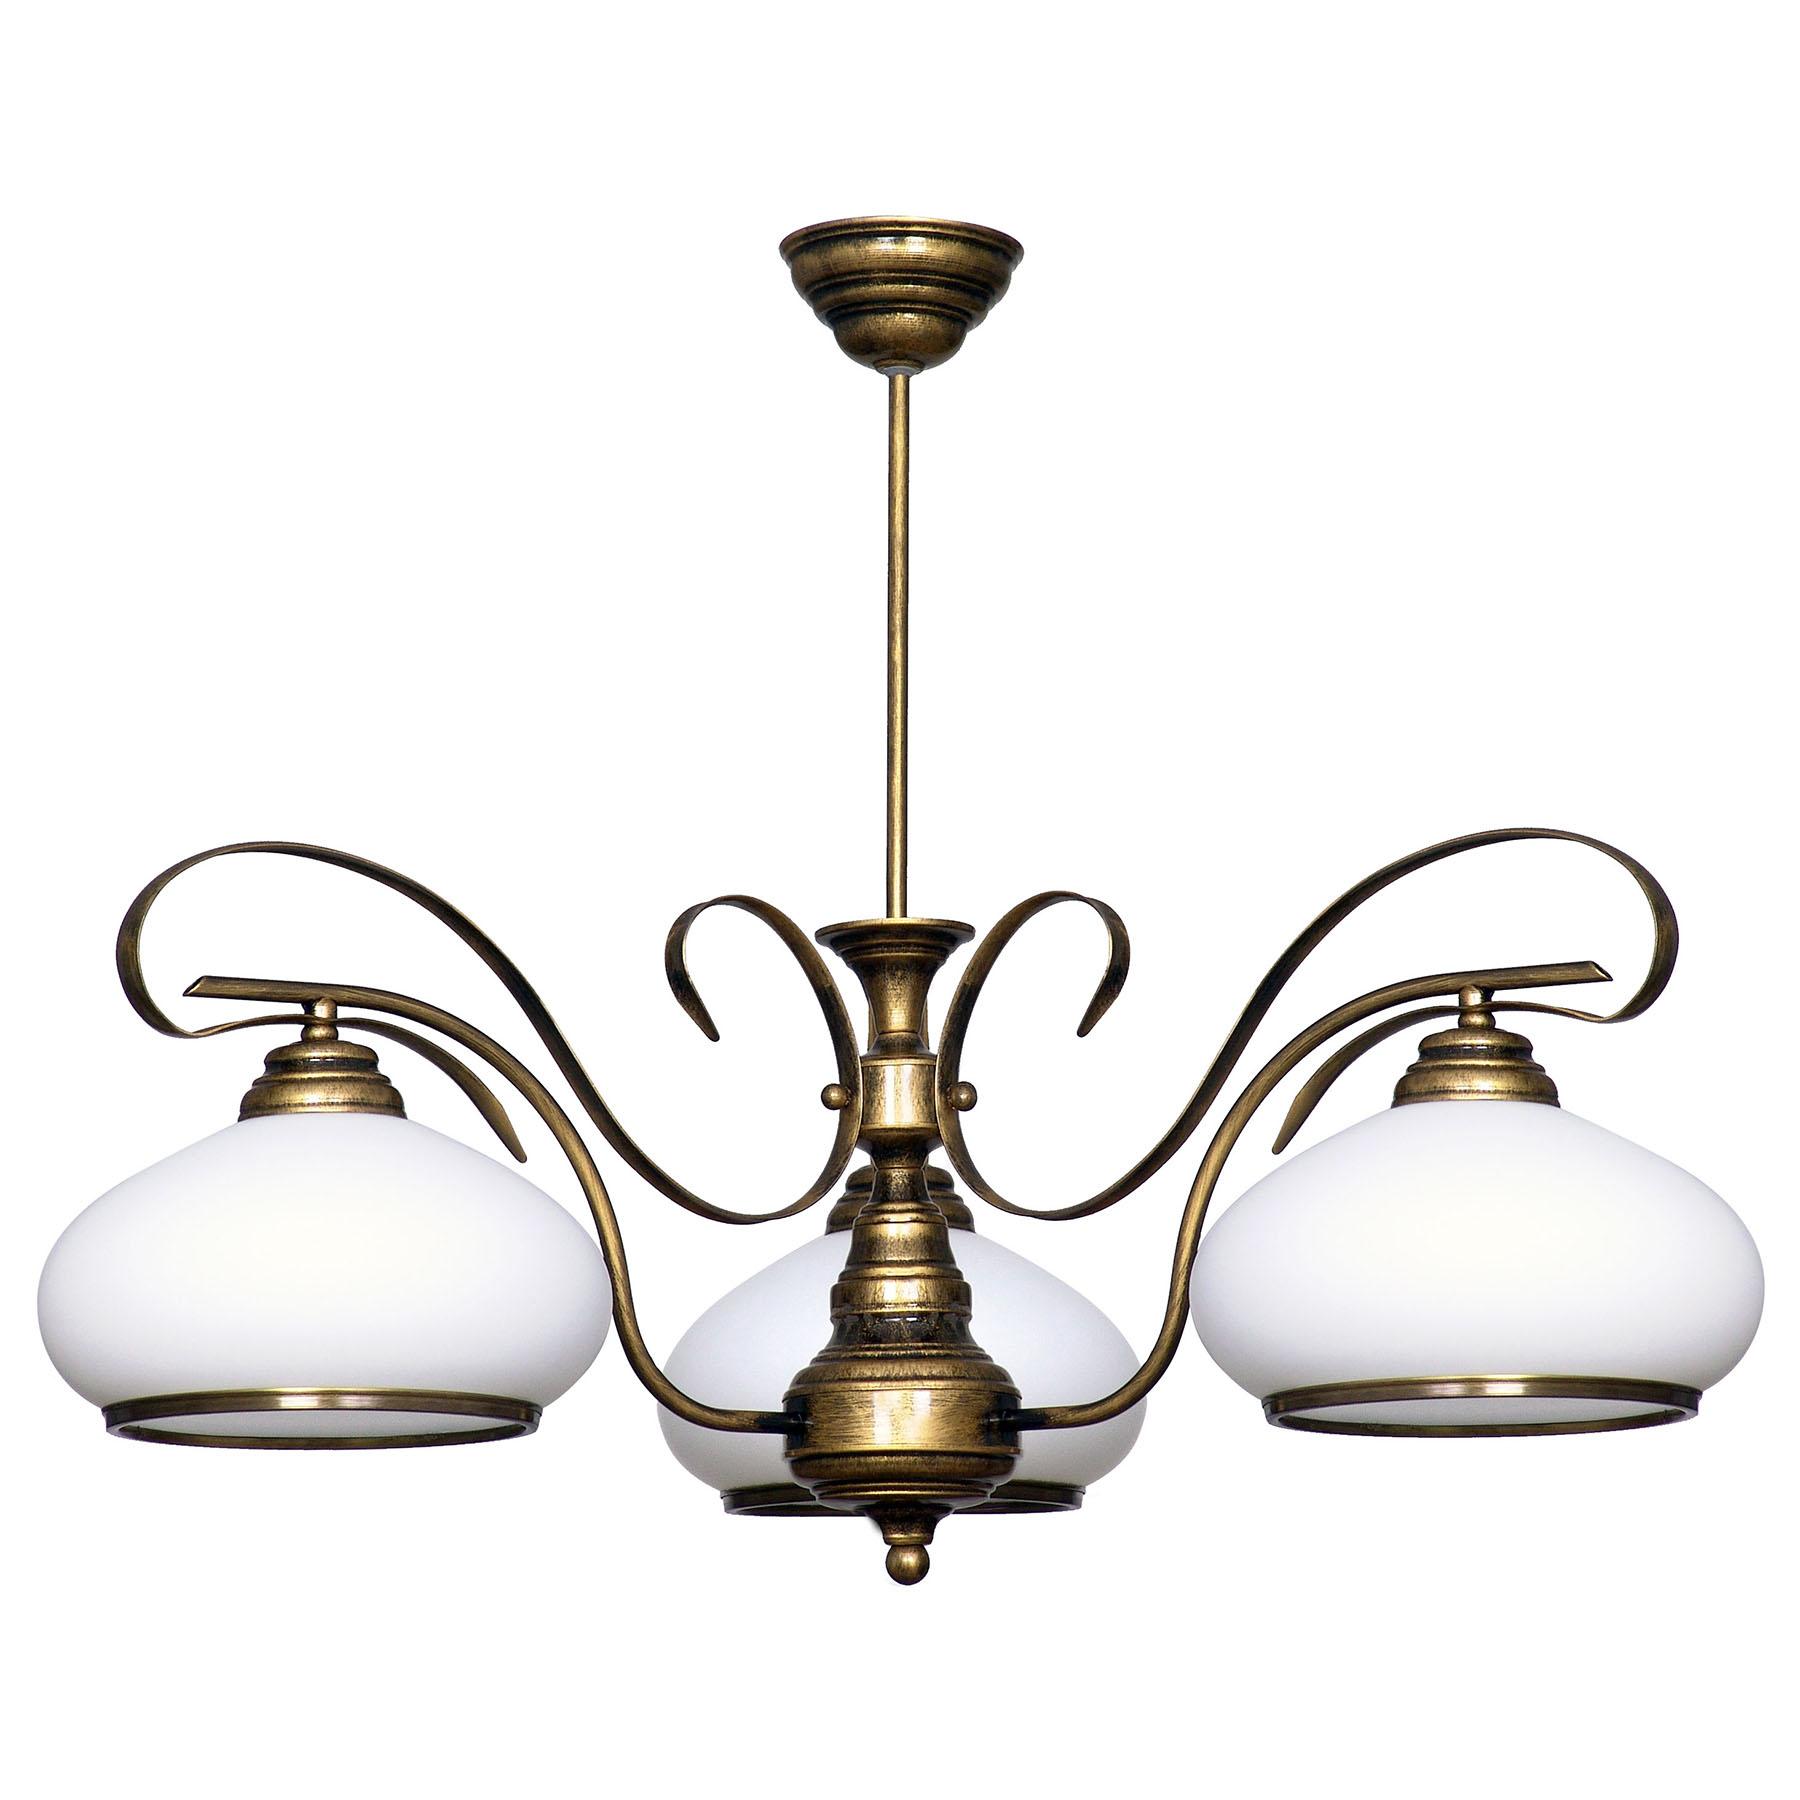 Suspension 493, verre opale/doré ancien, 3 lampes